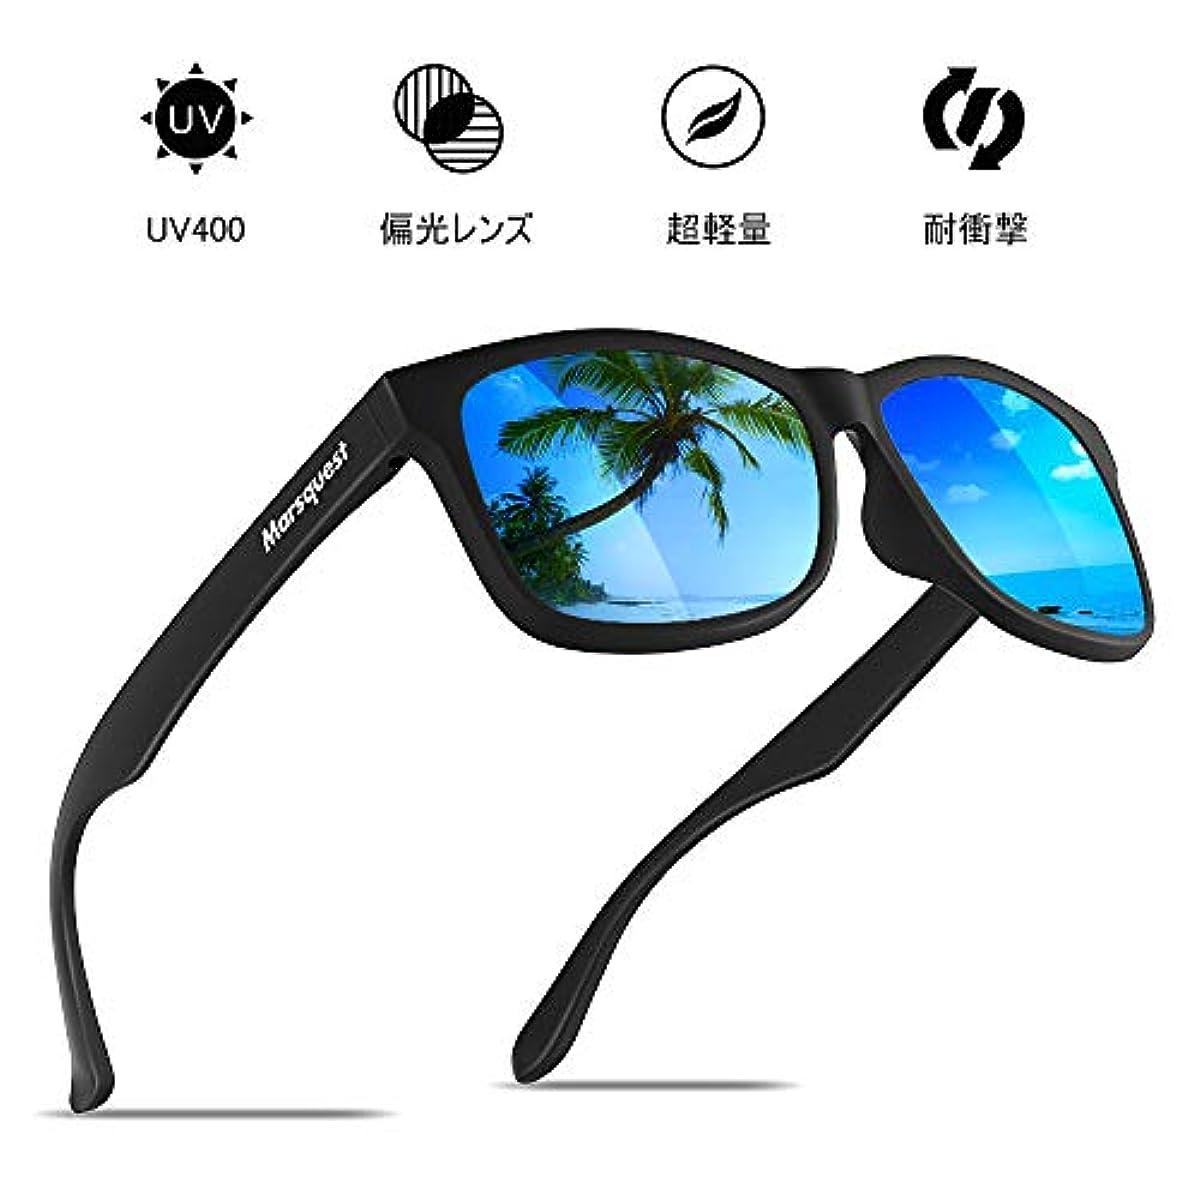 [해외] MARSQUEST 편광 썬글라스 편광 렌즈 웰링톤형 미러 썬글라스 초경량 프레임 채용 표범면에 특수한 코팅 기술 가공 UV400자외선・반사광・강빛 현 하여 있음 빛・그레아부터 컷 도대체(일체)식 비당락 하방지 디자인 초항충격 자전거・드라이기이브・런닝・낚시・등산・트래킹 등 스포츠로드 최적 패션인 디자인 맨즈 & 레이디스용 수납 파우치 부착 MOMENTUM